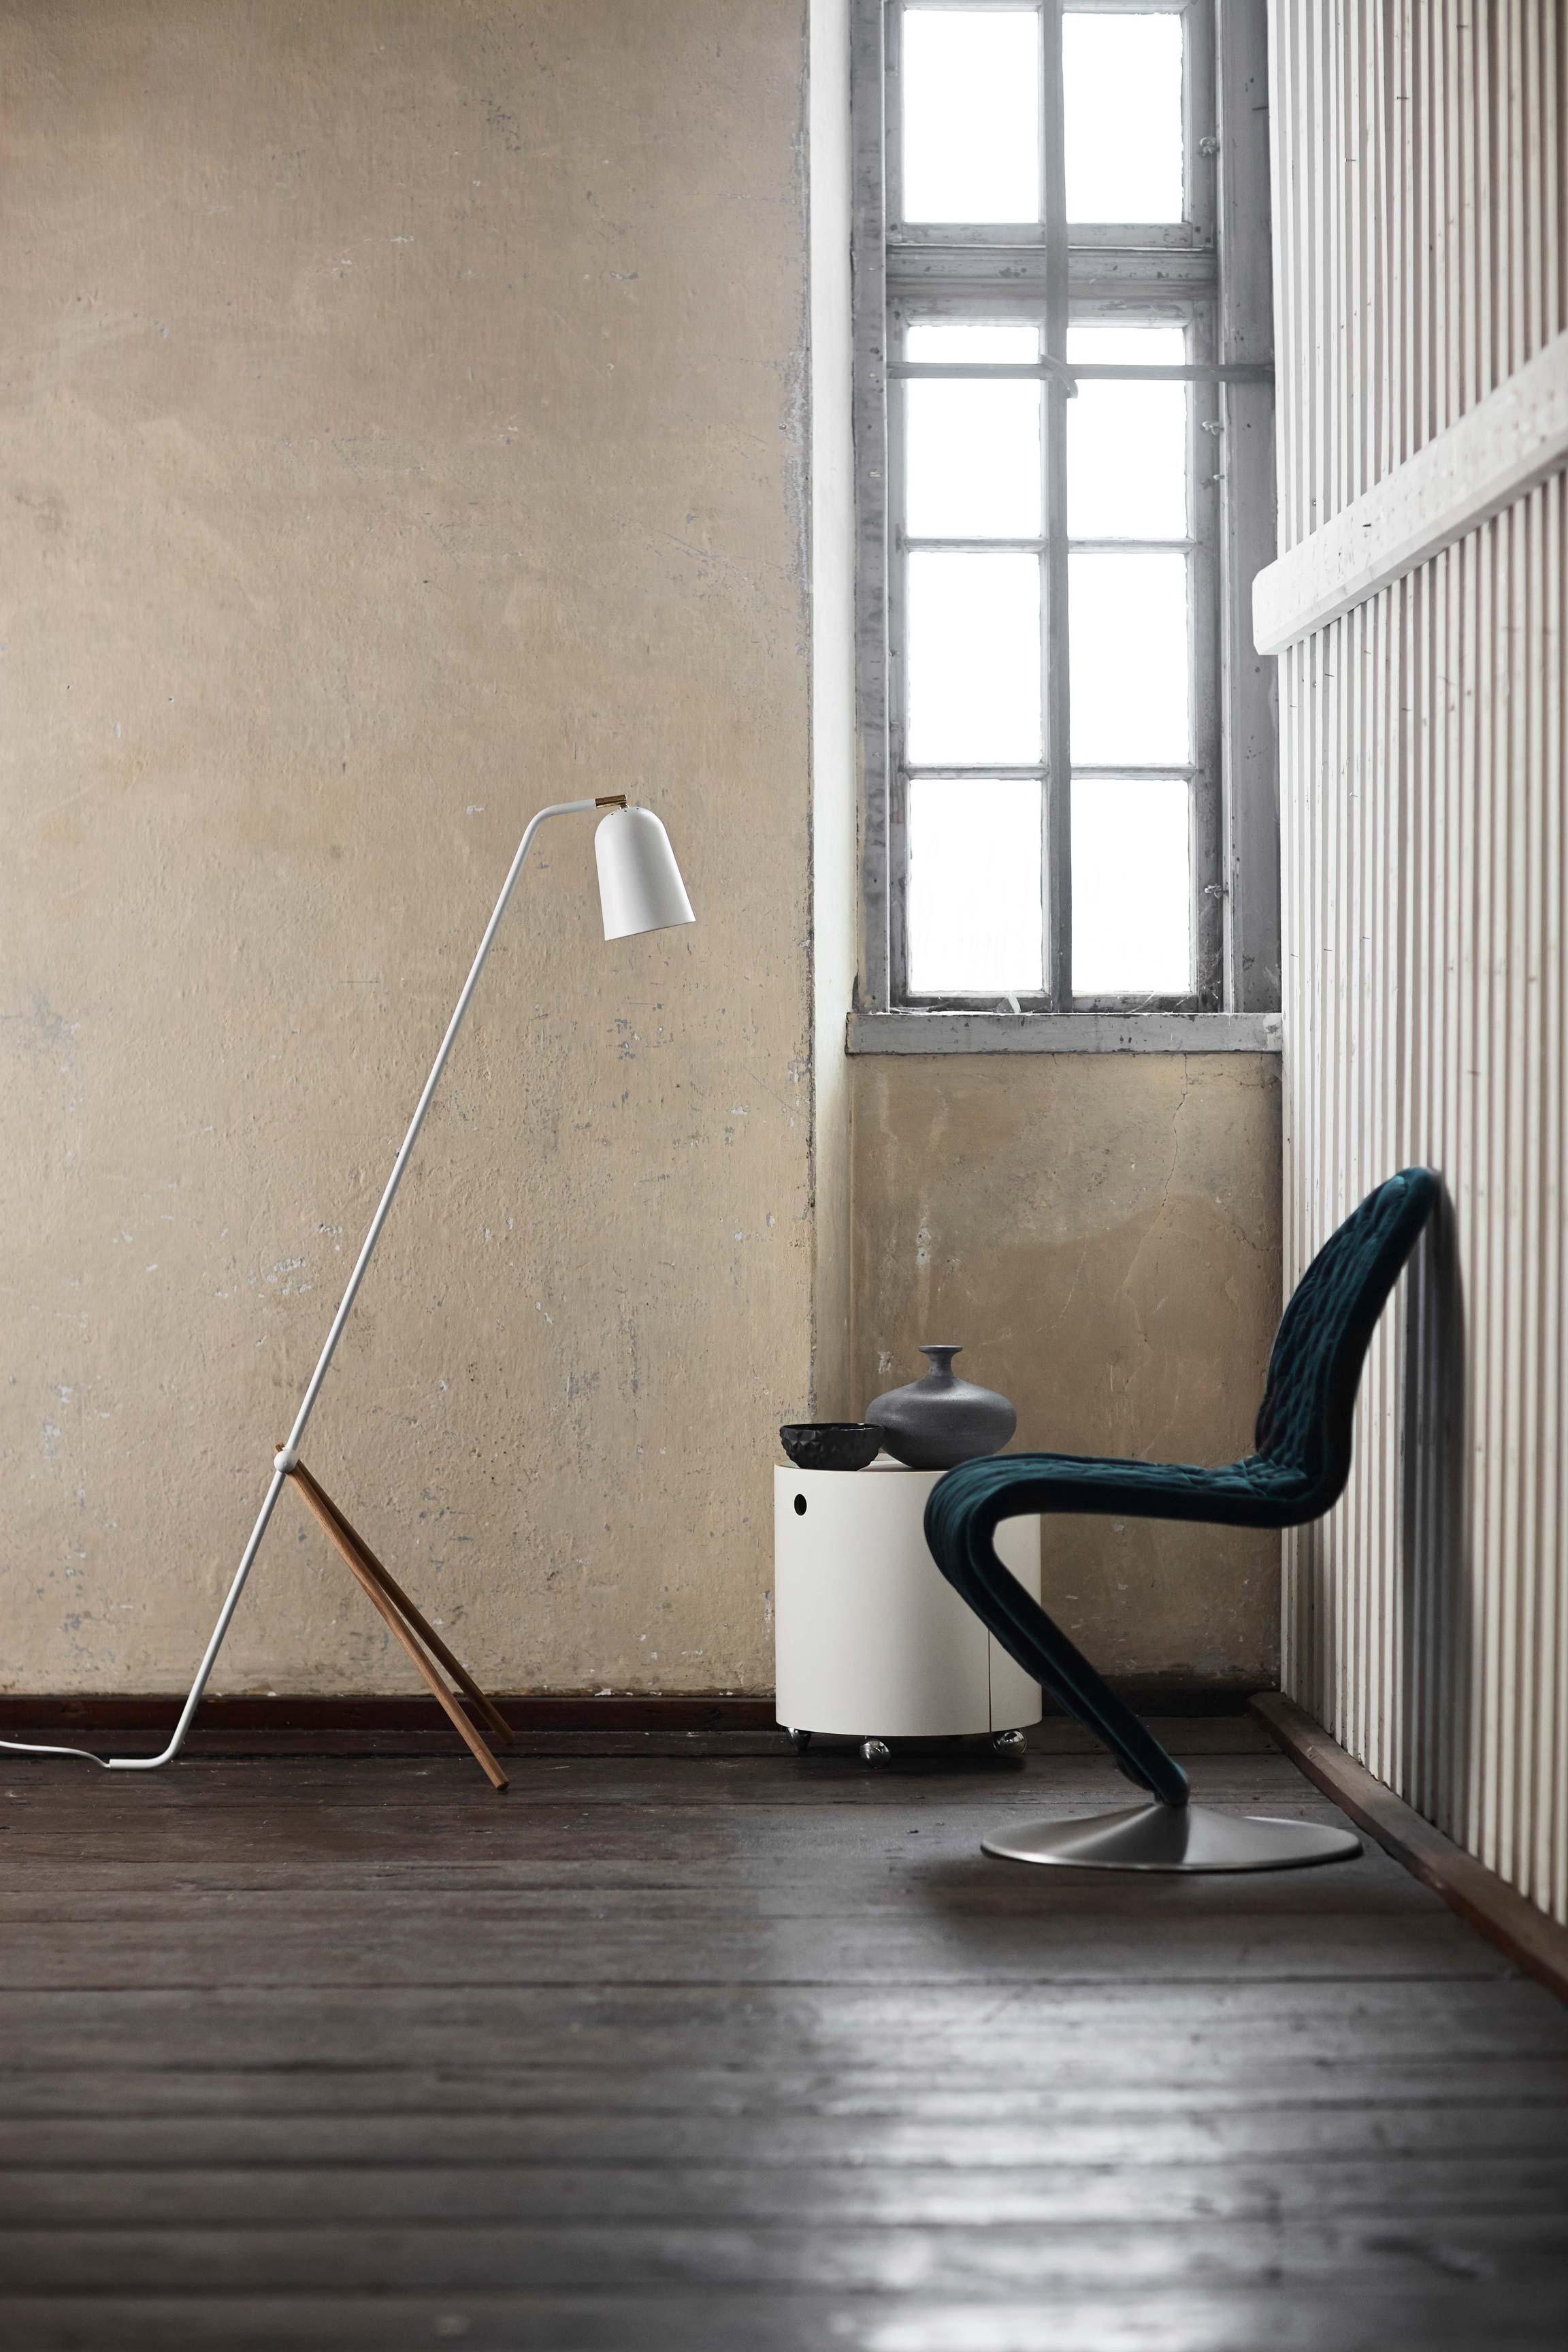 Giraffe-floor---Lifestyle---Randers.jpg